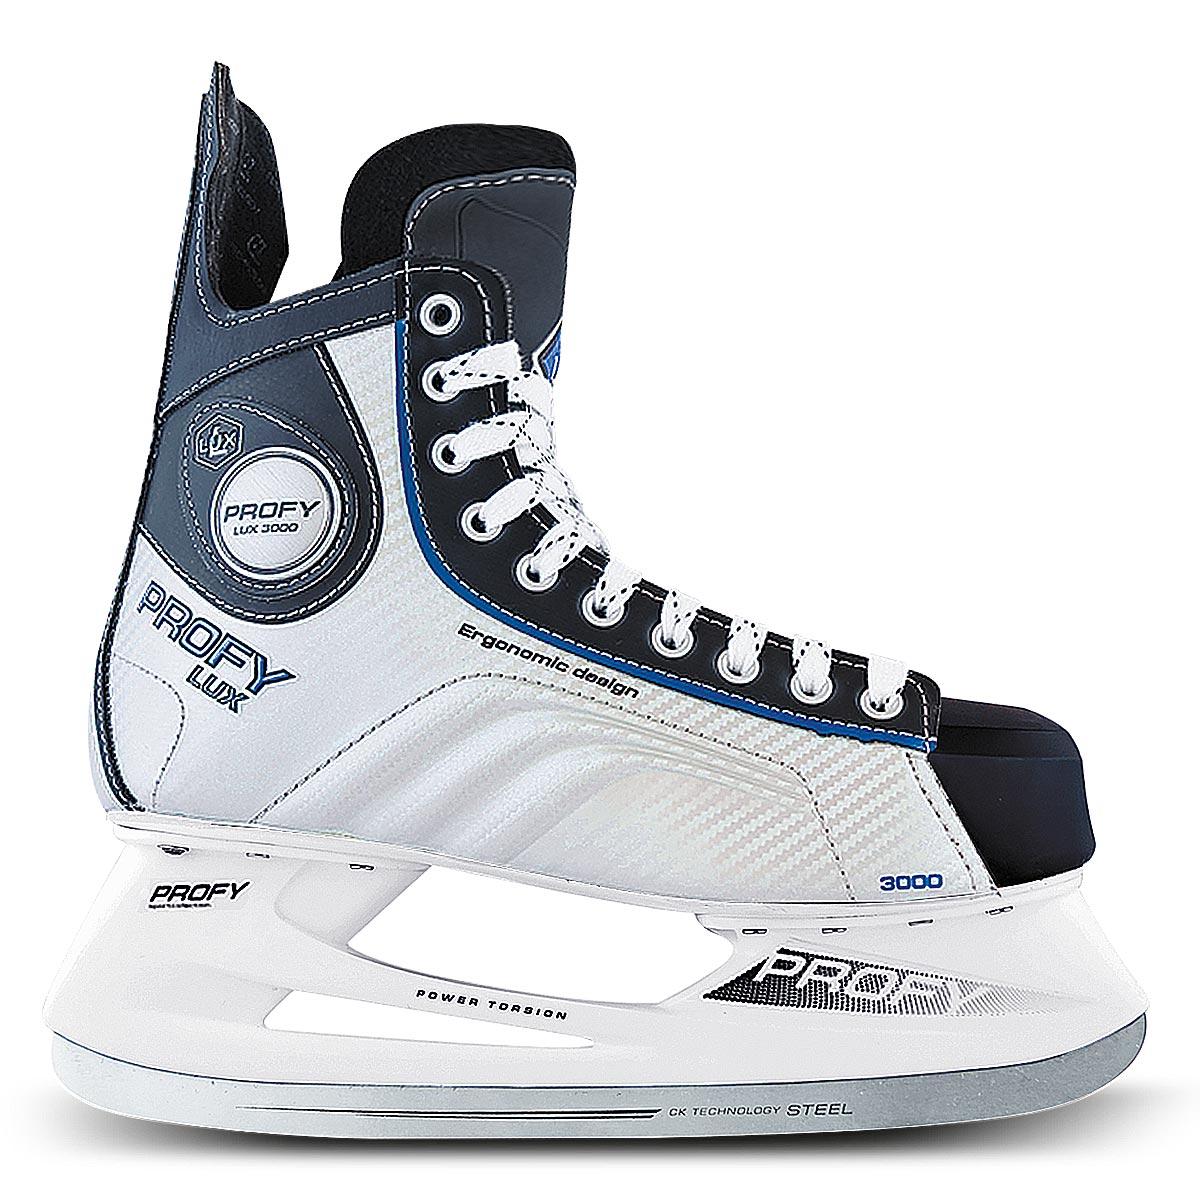 Коньки хоккейные мужские СК Profy Lux 3000, цвет: черный, серебряный, синий. Размер 41PROFY LUX 3000 Blue_41Коньки хоккейные мужские СК Profy Lux 3000 прекрасно подойдут для профессиональных игроков в хоккей. Ботинок выполнен из морозоустойчивой искусственной кожи и специального резистентного ПВХ, а язычок - из двухслойного войлока и искусственной кожи. Слоевая композитная технология позволила изготовить ботинок, полностью обволакивающий ногу. Это обеспечивает прочную и удобную фиксацию ноги, повышает защиту от ударов. Ботинок изготовлен с учетом антропометрии стоп россиян, что обеспечивает комфорт и устойчивость ноги, правильное распределение нагрузки, сильно снижает травмоопасность. Конструкция носка ботинка, изготовленного из ударопрочного энергопоглощающего термопластичного полиуретана Hytrel® (DuPont), обеспечивает увеличенную надежность защиты передней части ступни от ударов. Усиленные боковины ботинка из формованного PVC укрепляют боковую часть ботинка и дополнительно защищают ступню от ударов за счет поглощения энергии. Тип застежки ботинок – классическая шнуровка. Стелька из упругого пенного полимерного материала EVA гарантирует комфортное положение ноги в ботинке, обеспечивает быструю адаптацию ботинка к индивидуальным формам ноги, не теряет упругости при изменении температуры и не разрушается от воздействия пота и влаги. Легкая прочная низкопрофильная полимерная подошва инжекционного формования практически без потерь передает энергию от толчка ноги к лезвию – быстрее набор скорости, резче повороты и остановки, острее чувство льда. Лезвие из нержавеющей стали 420J обеспечит превосходное скольжение.